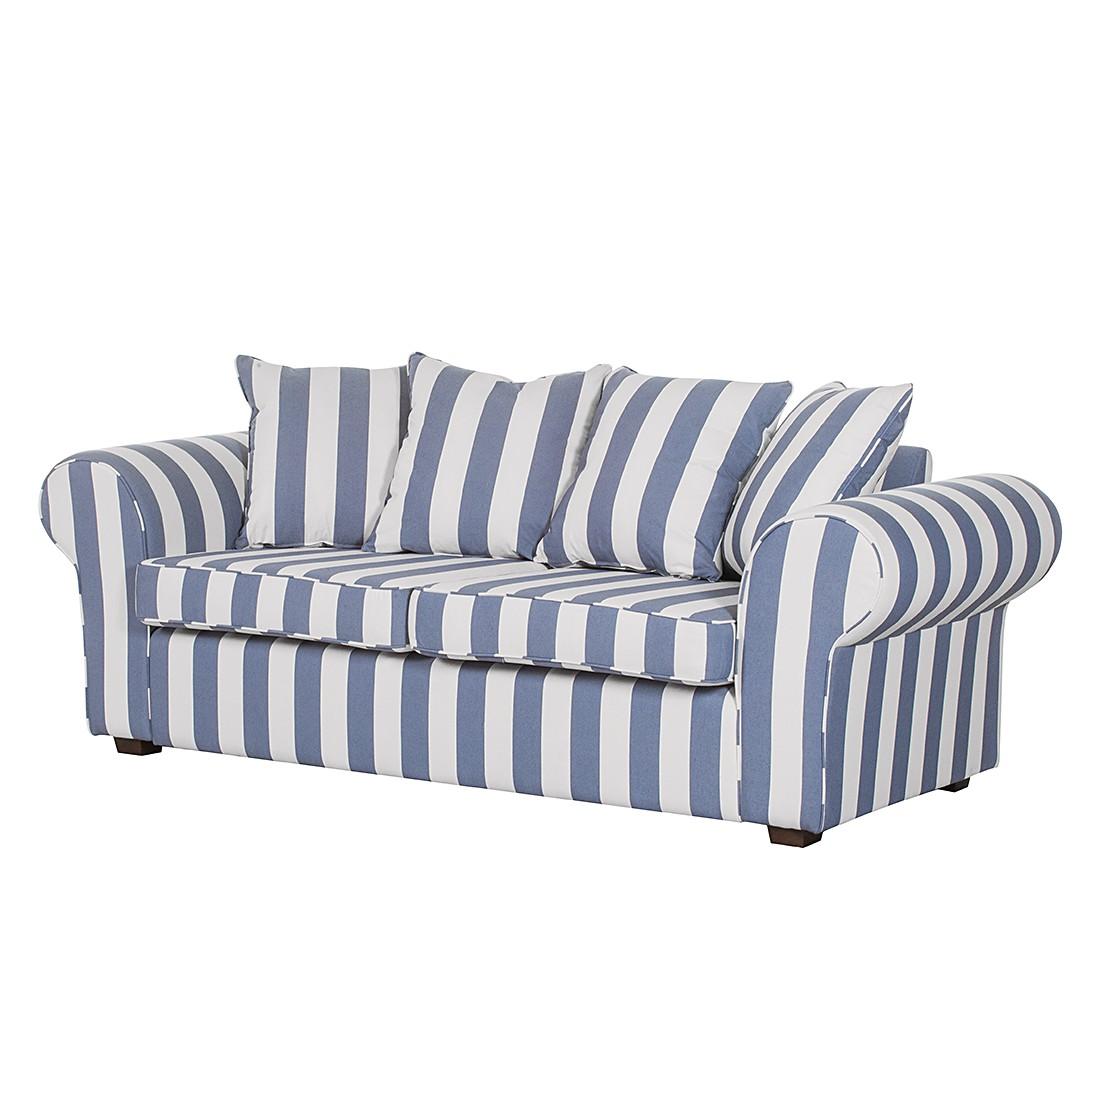 Canapé Colmar (3 places) - Tissu bleu à rayures, Maison Belfort